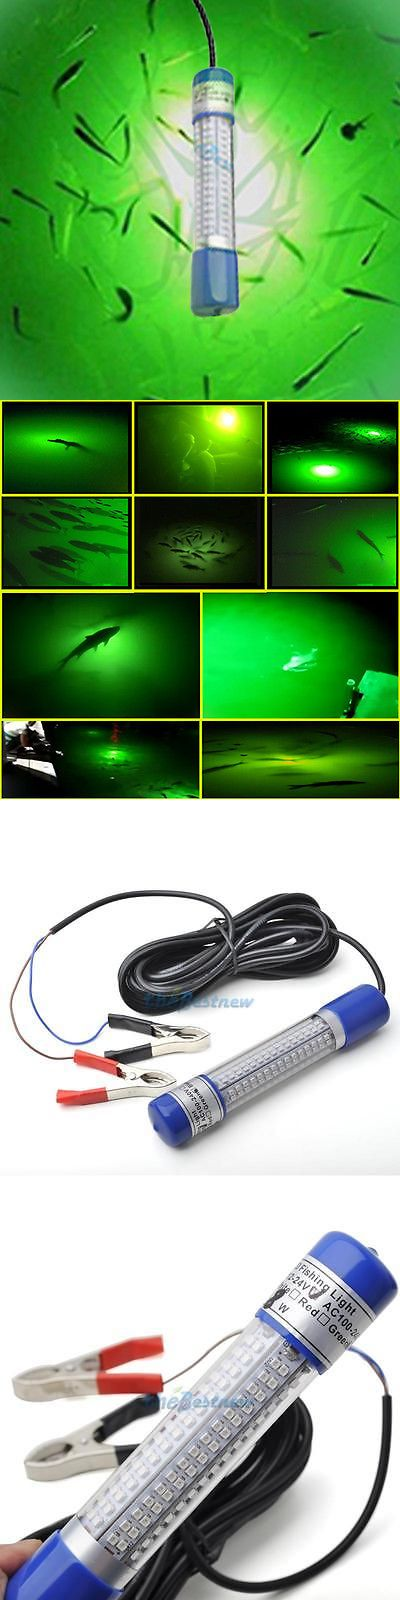 lights 123489: 12-24v led green night fishing light underwater, Reel Combo